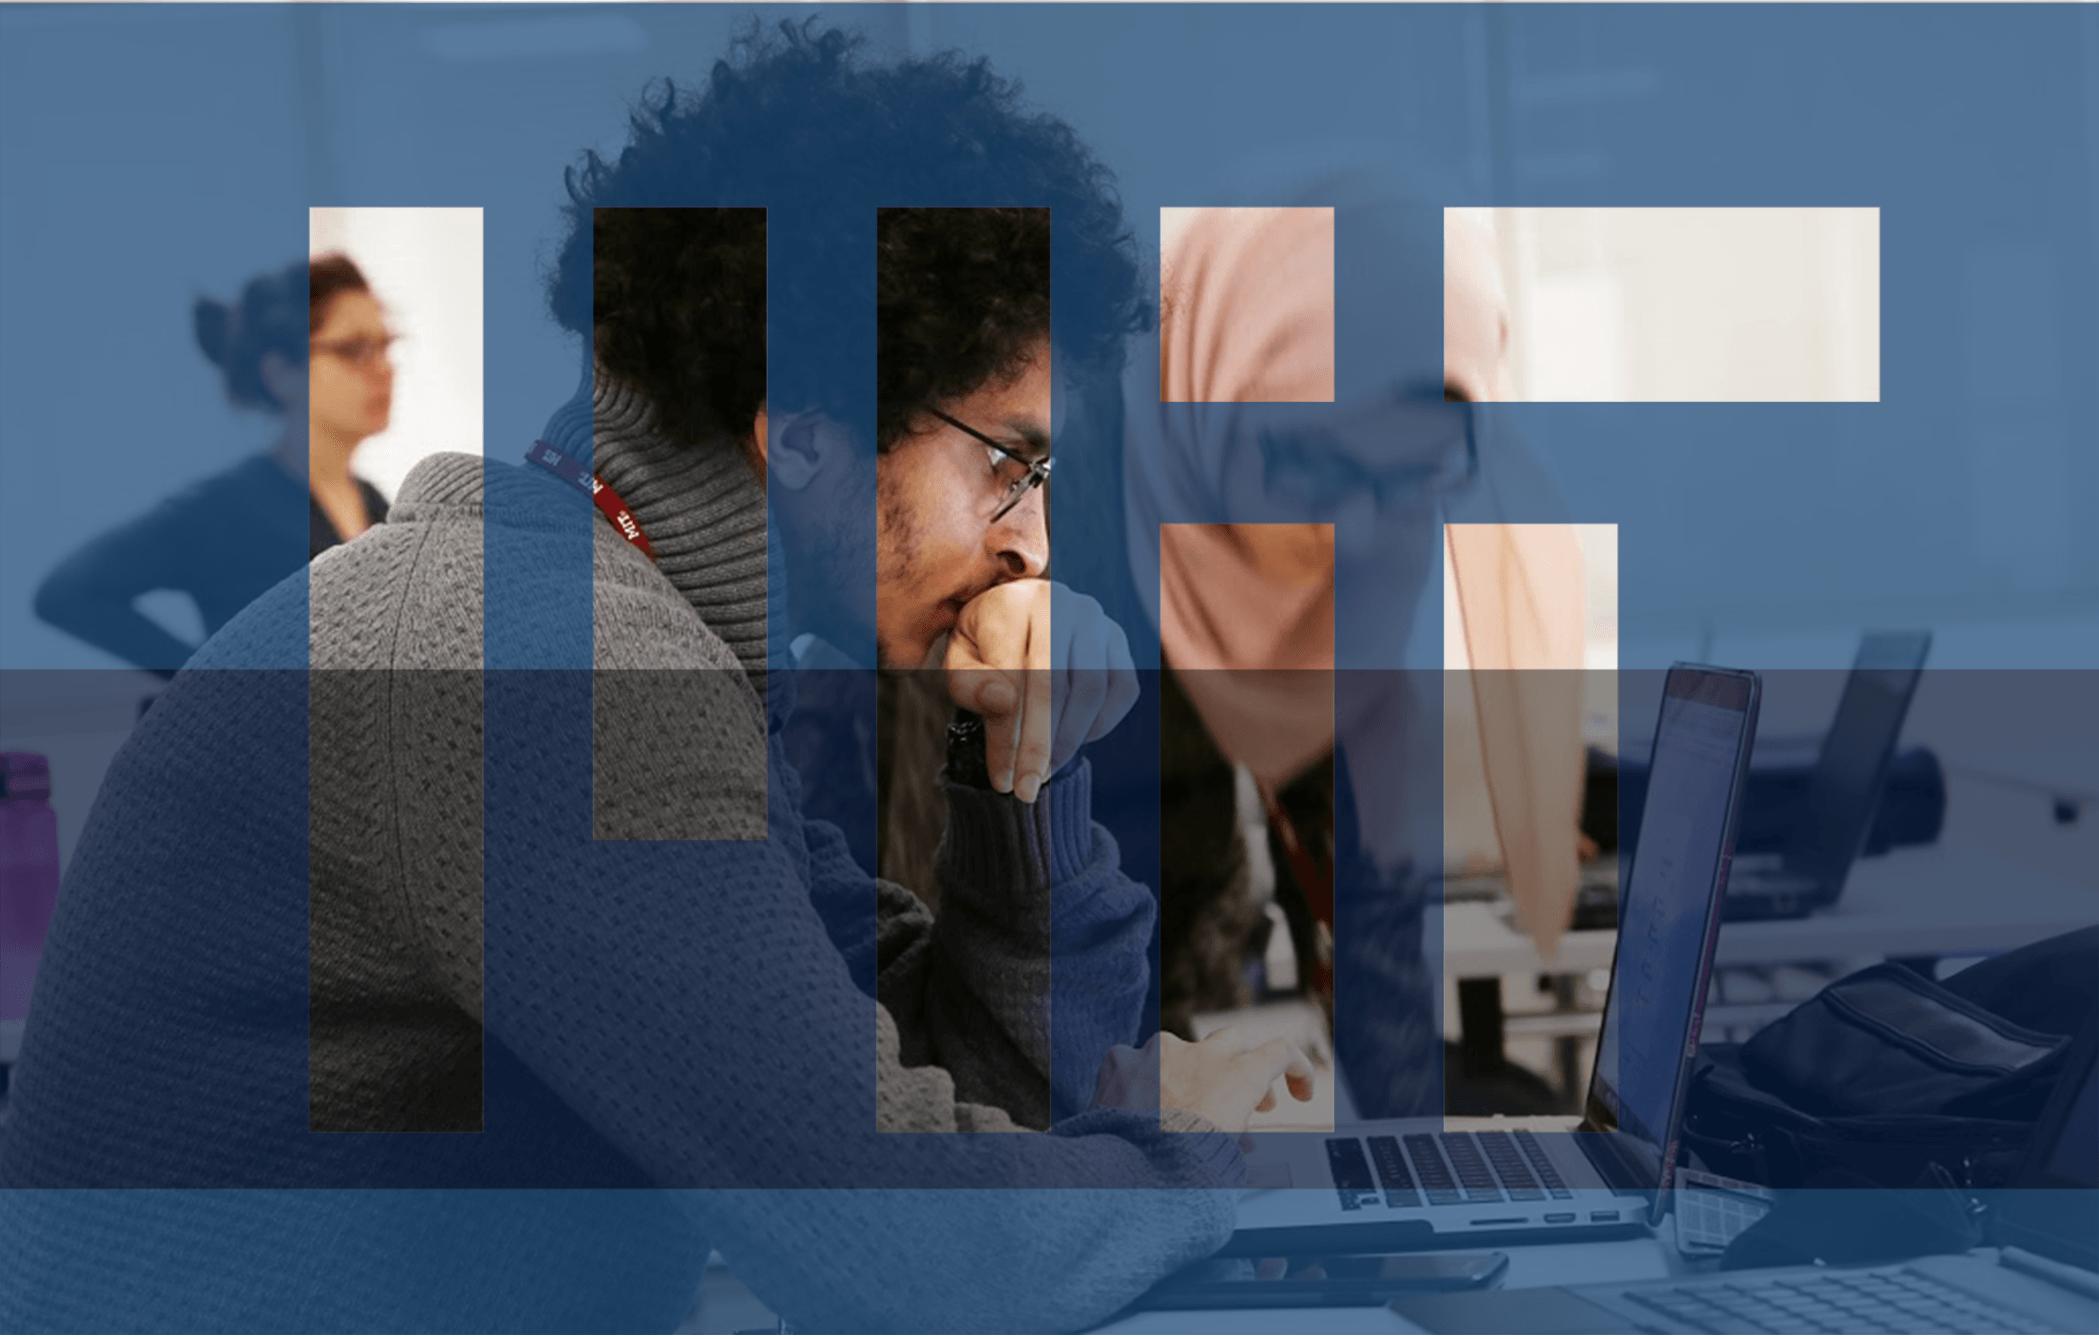 مختبر جميل لمكافحة الفقر في معهد ماساتشوستس للتكنولوجيا يطلق مبادرة لتعزيز فرص اللاجئين في الحصول على التعليم العالي